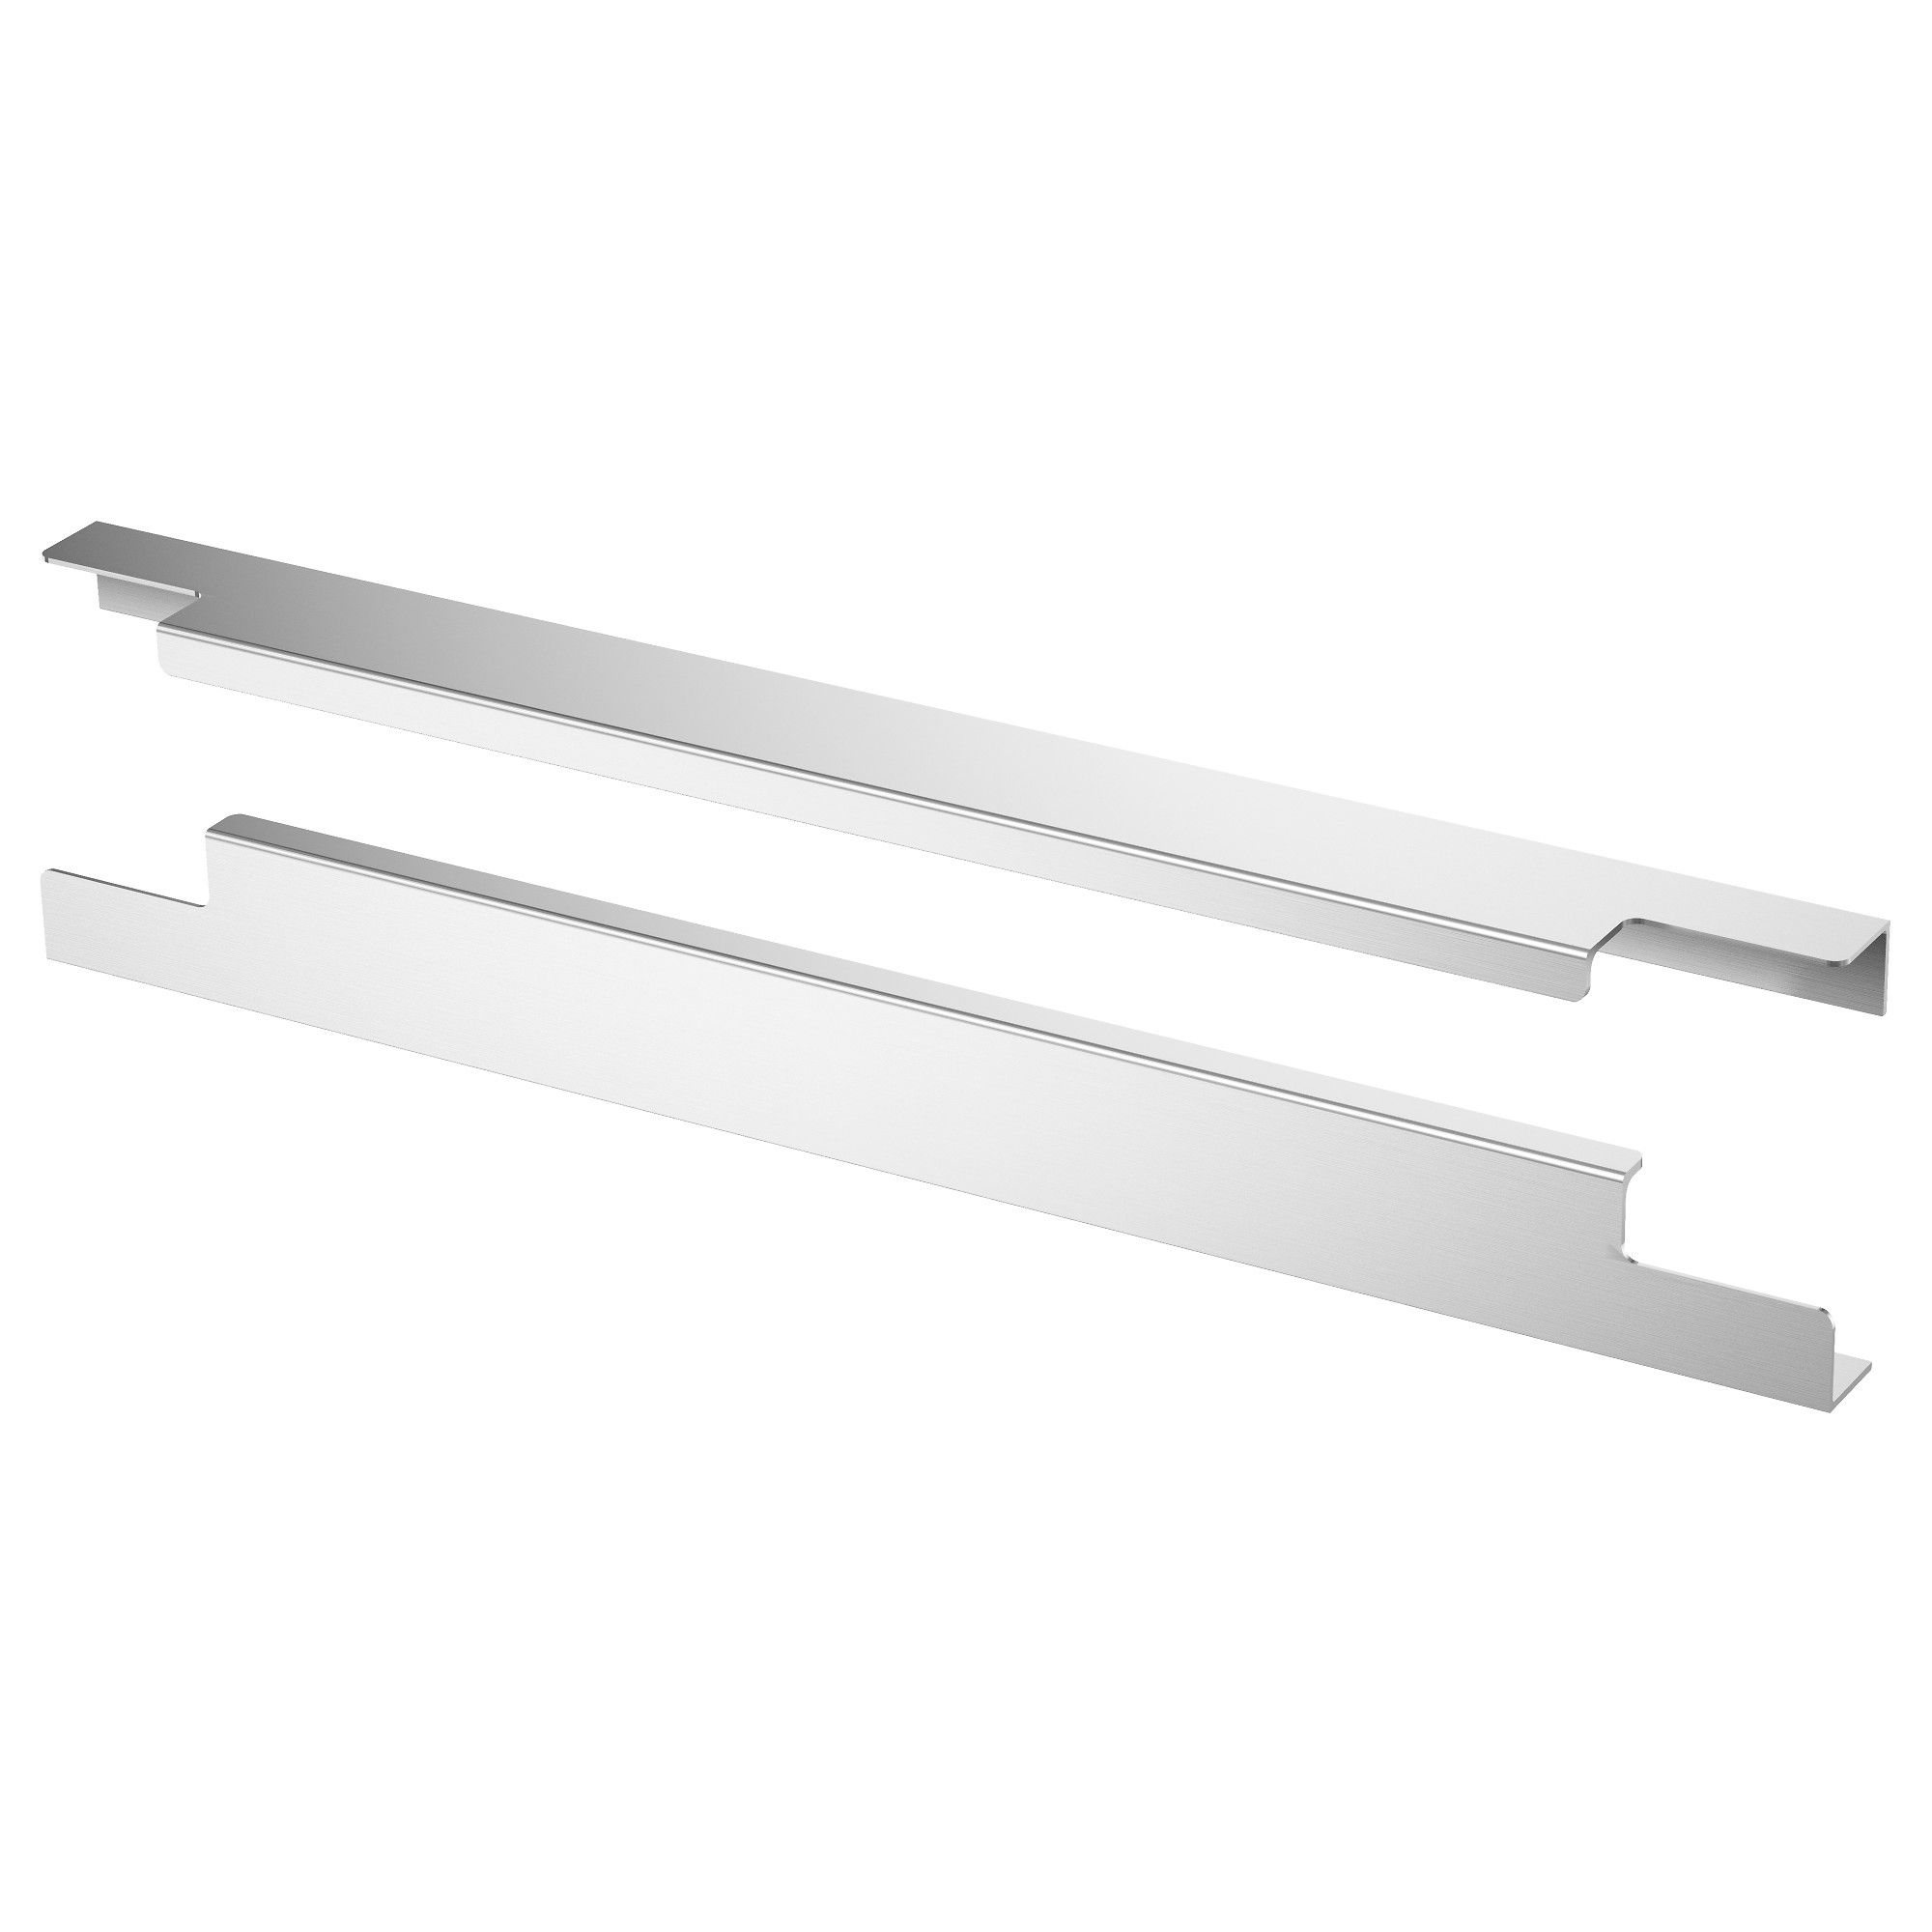 Full Size of Küchenschrank Griffe Ikea Kchenschrank Dies Ist Neueste Informationen Auf Möbelgriffe Küche Wohnzimmer Küchenschrank Griffe